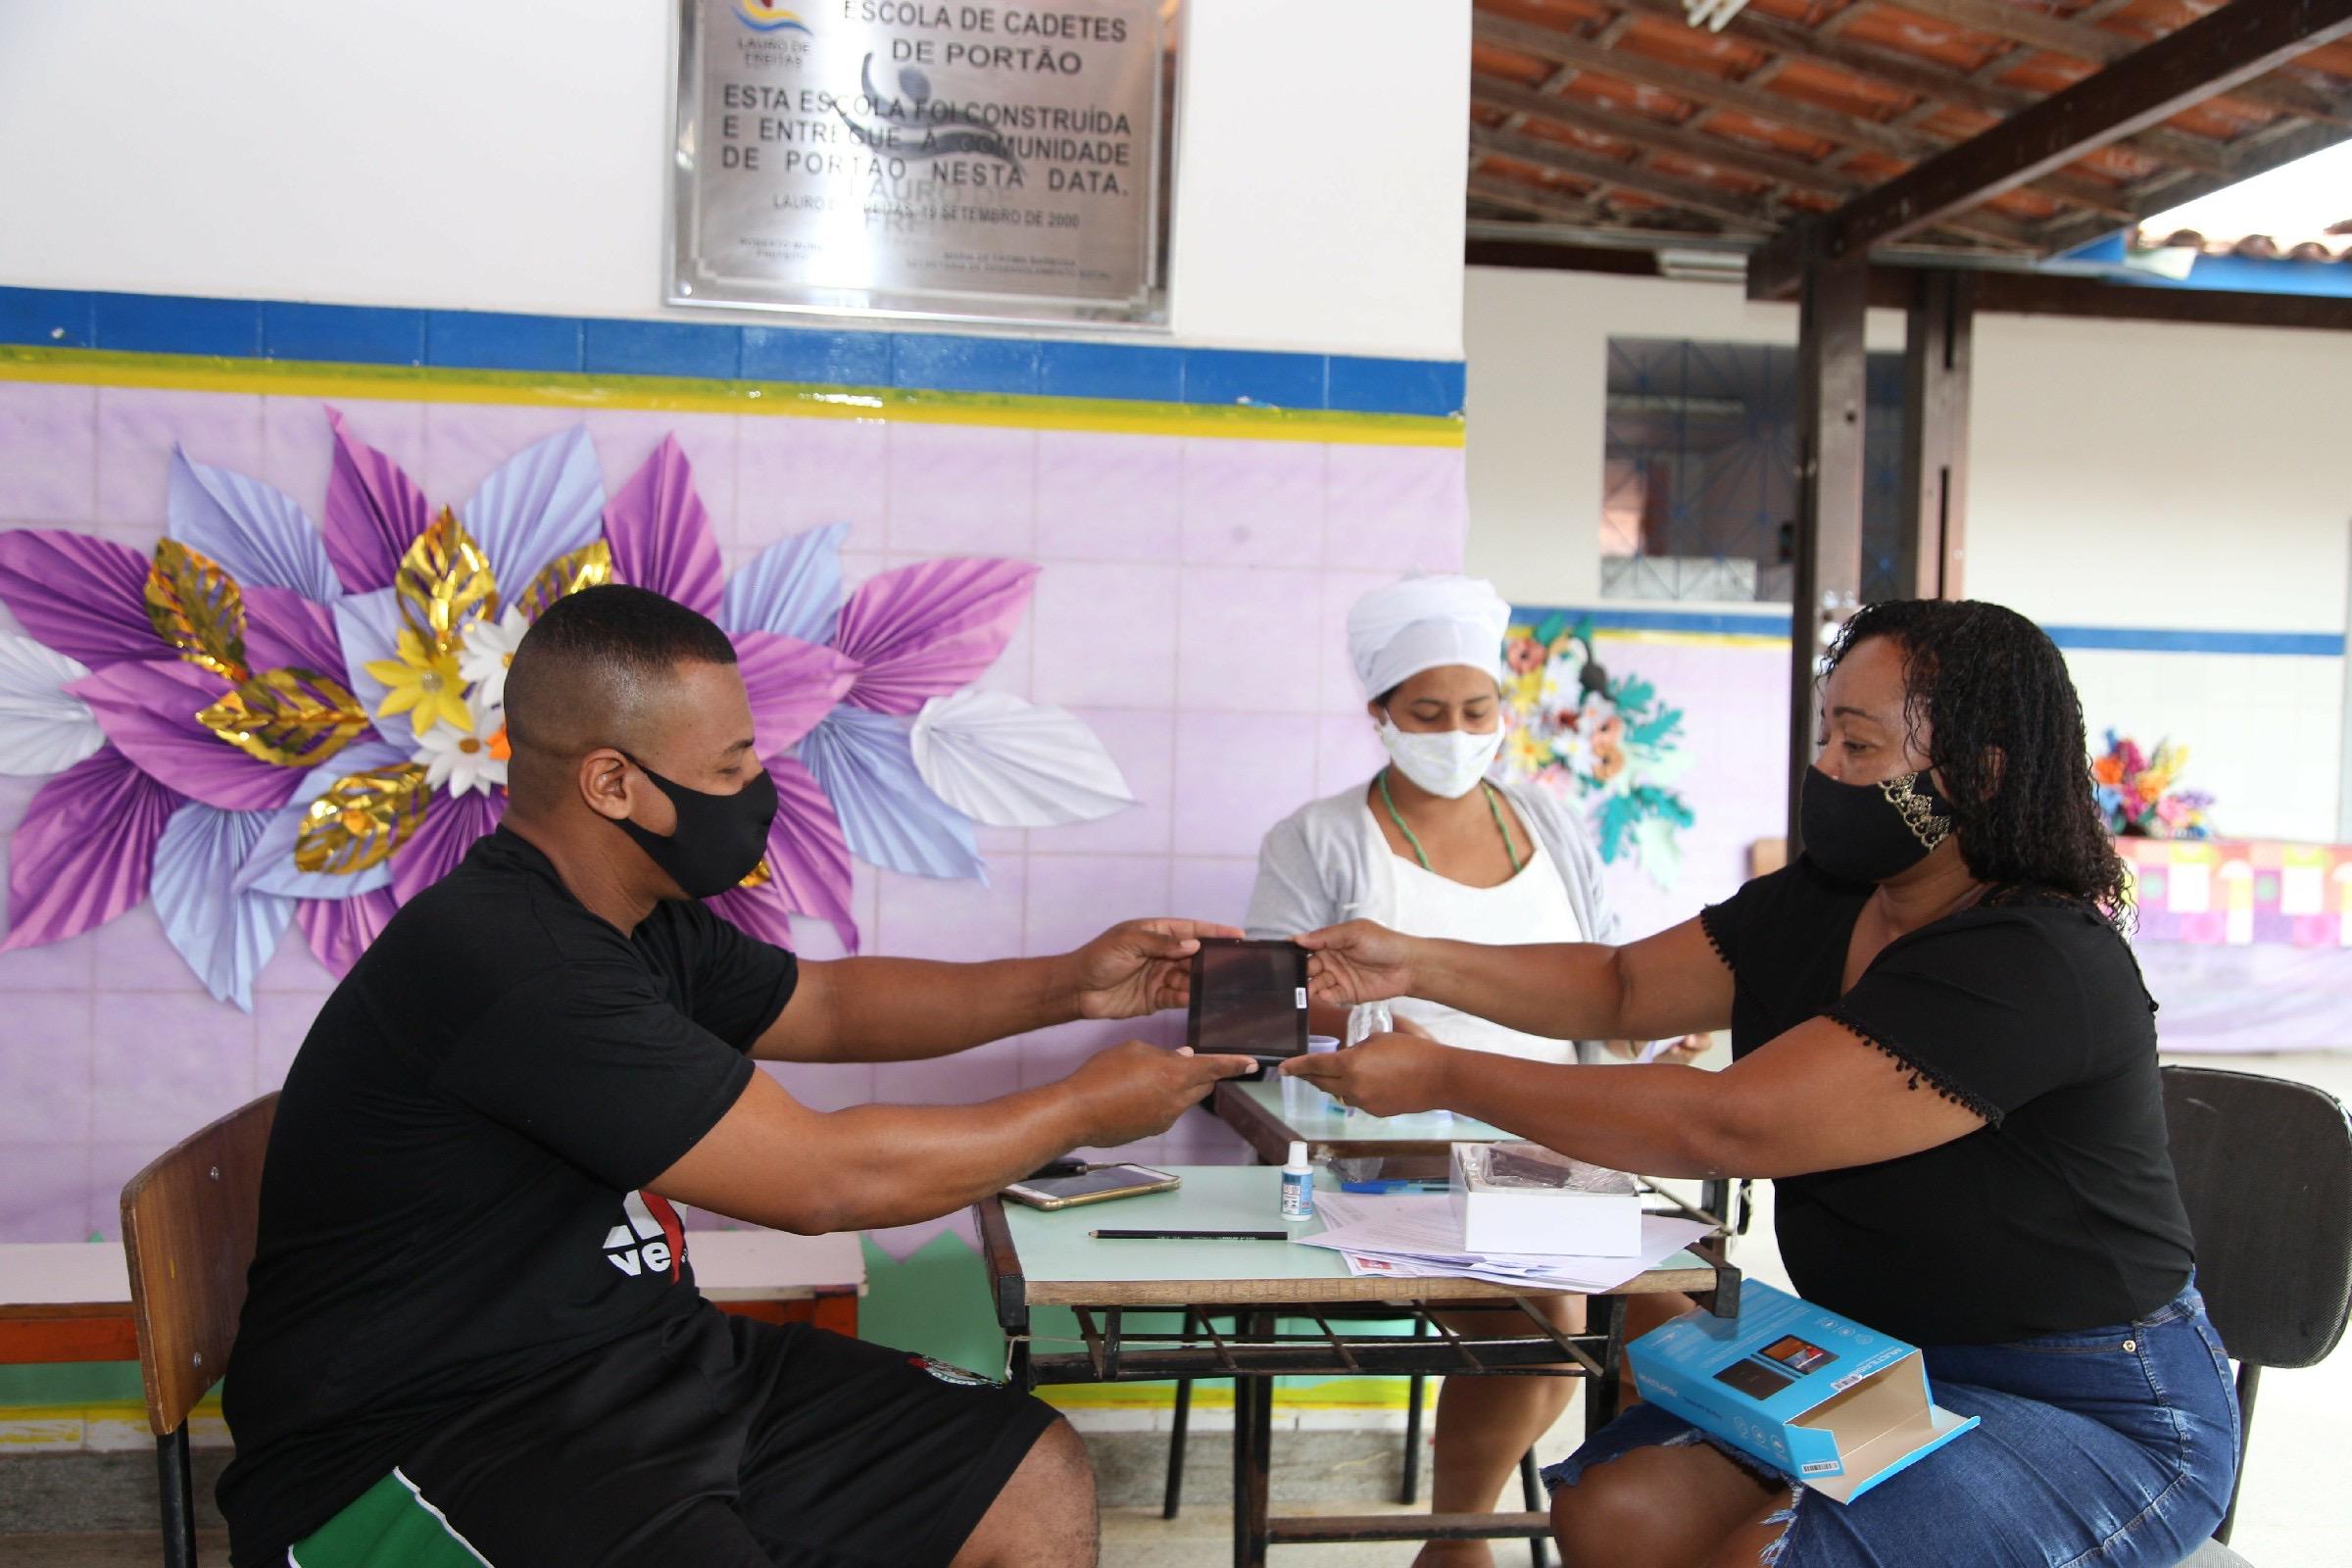 Mães destacam avanço no aprendizado dos filhos com tablets entregues pela Prefeitura.  Alunos de três pólos educacionais já foram contemplados